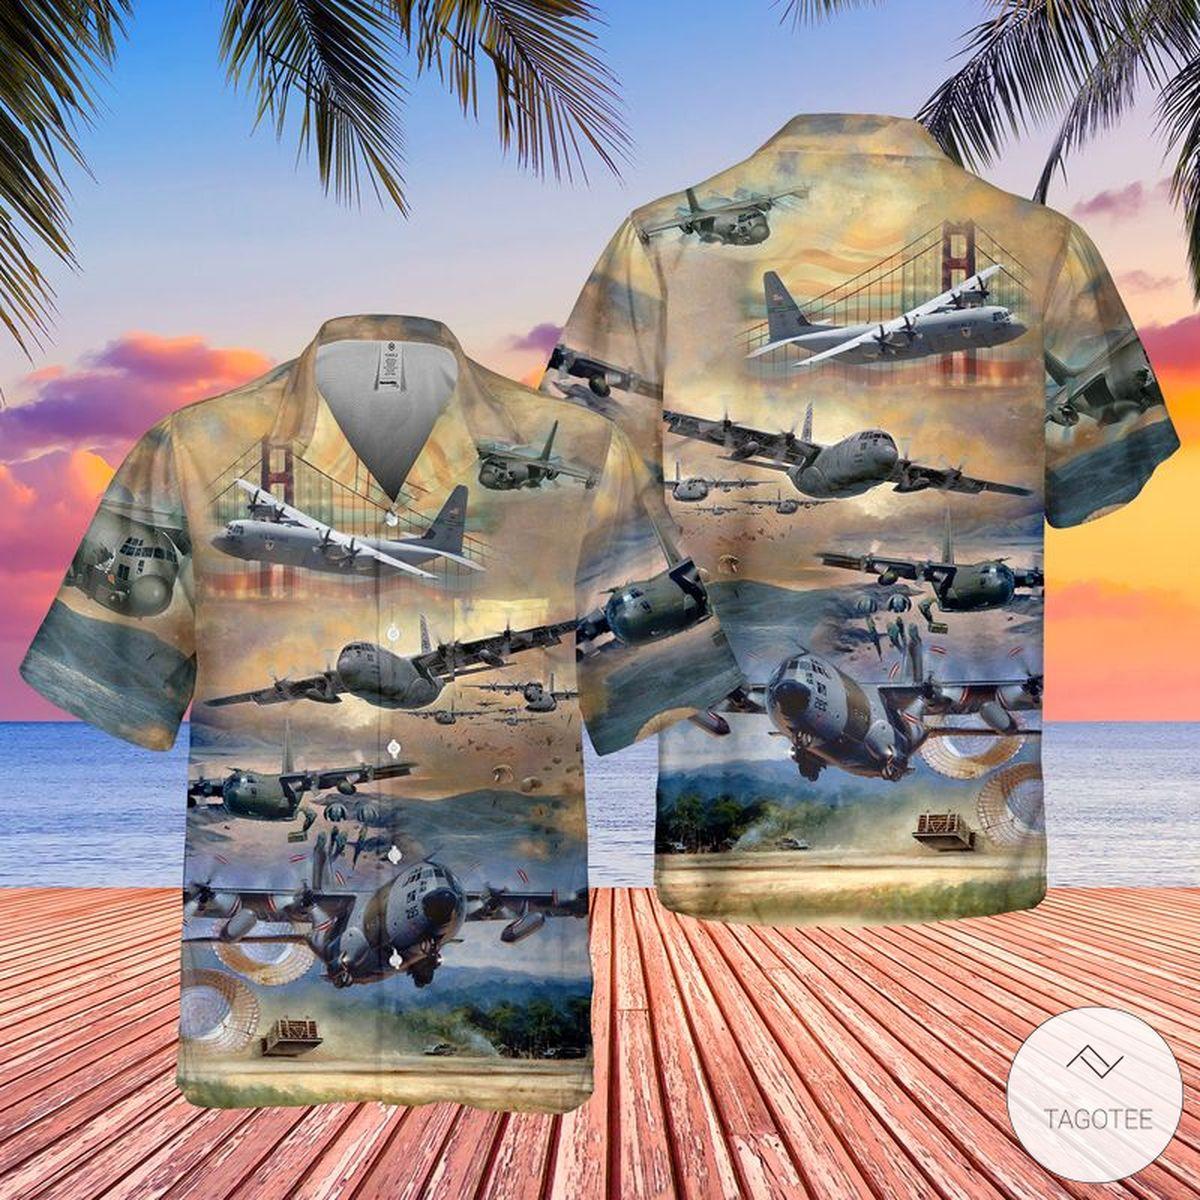 Air Force Lockheed C 130 Hercules Pocket Hawaiian Shirt Beach Shorts